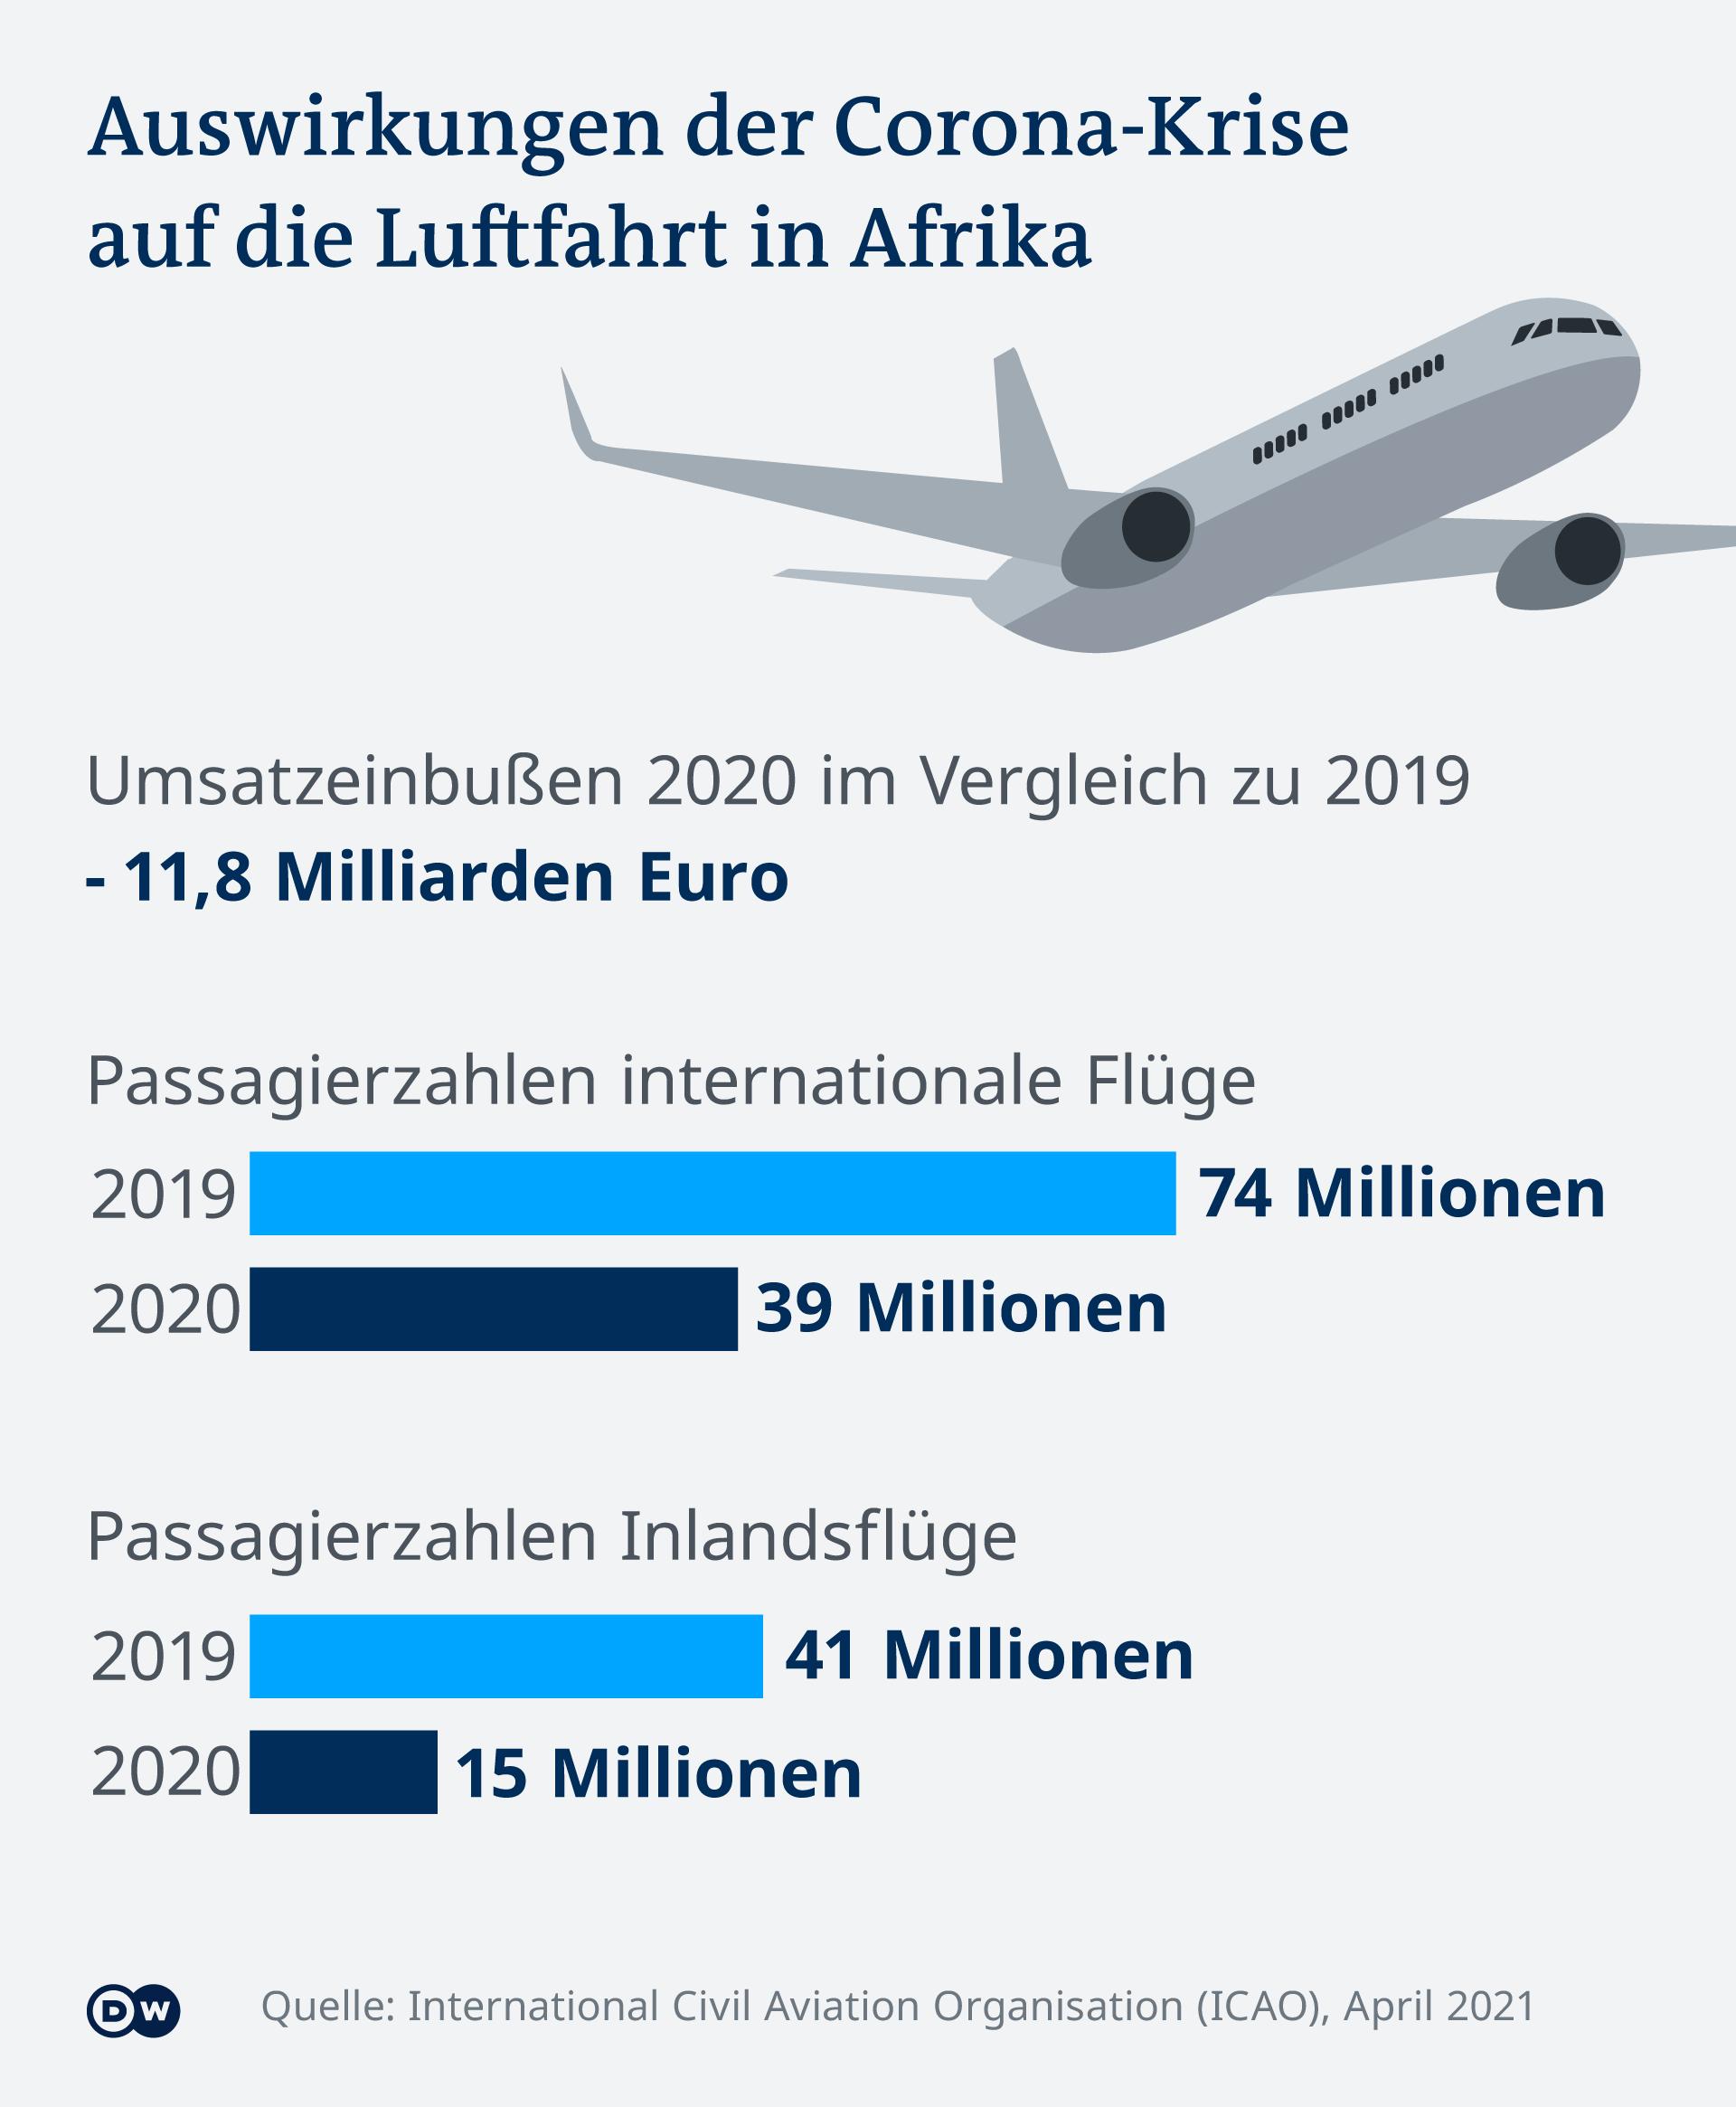 Infografik Auswirkungen der Corona-Krise auf die Luftfahrt in Afrika DE